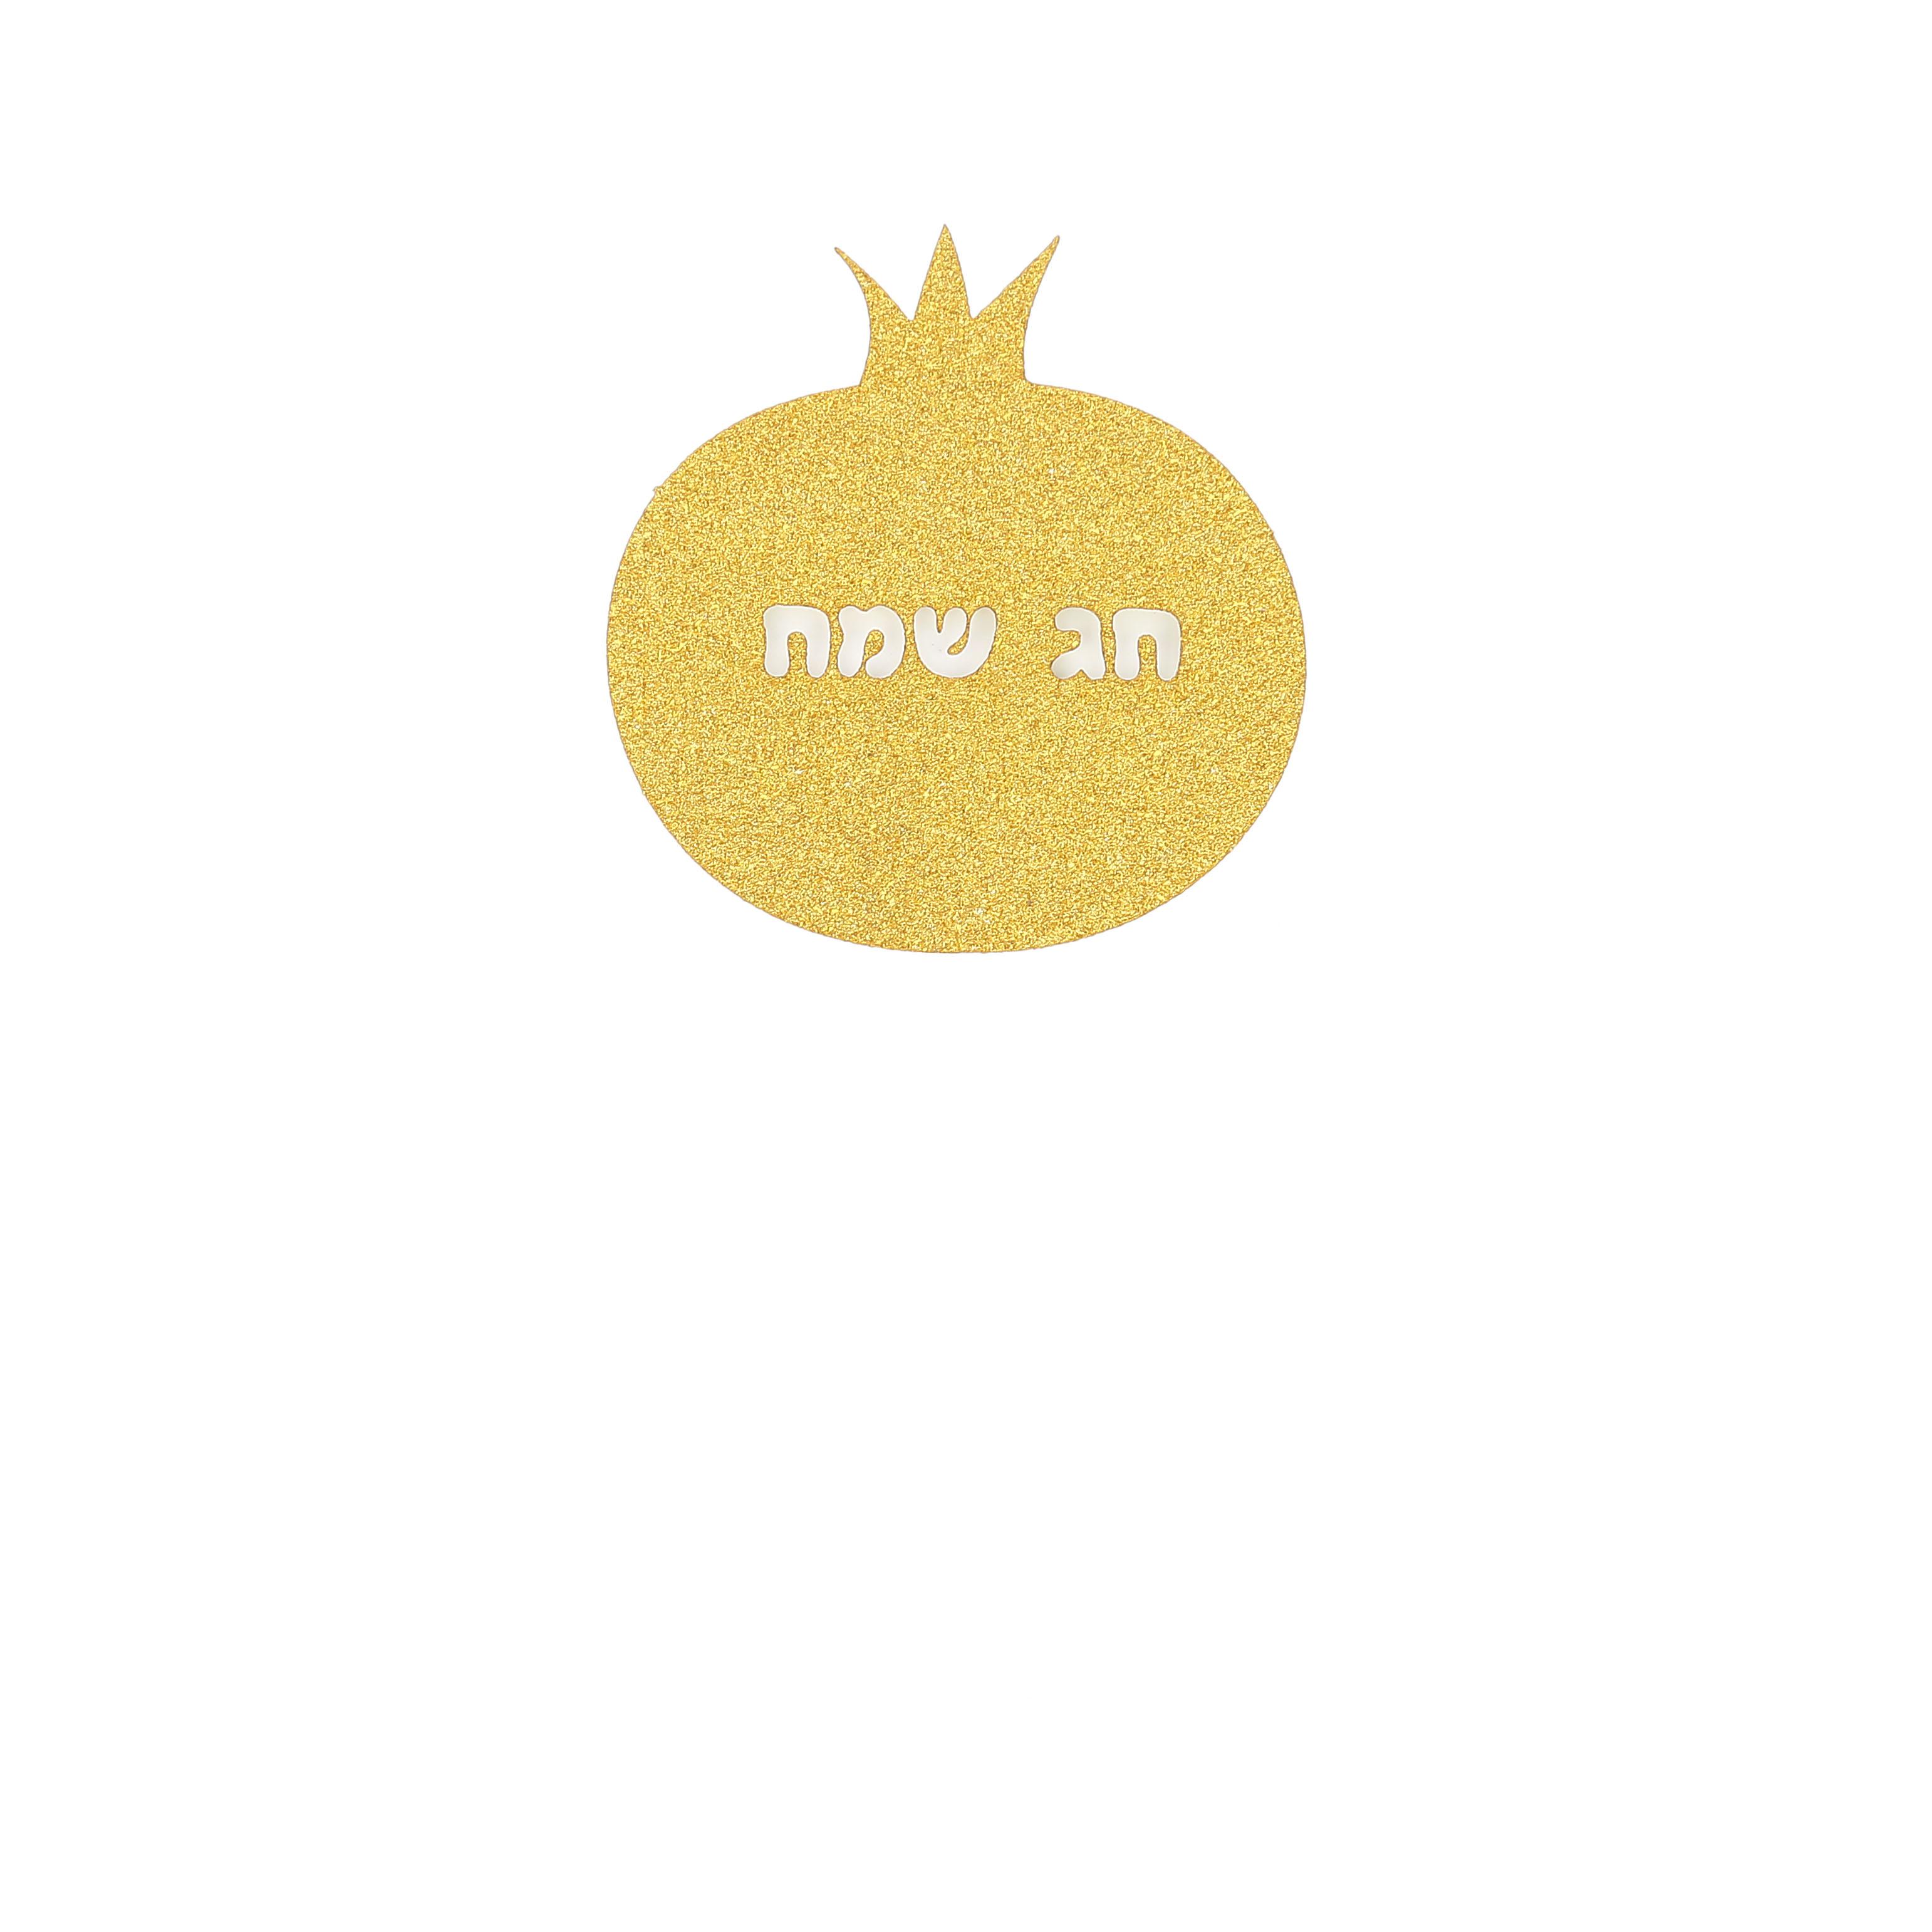 """אביזרים לראש השנה -קונפטי רימון """"חג שמח"""" גליטר זהב א-12"""